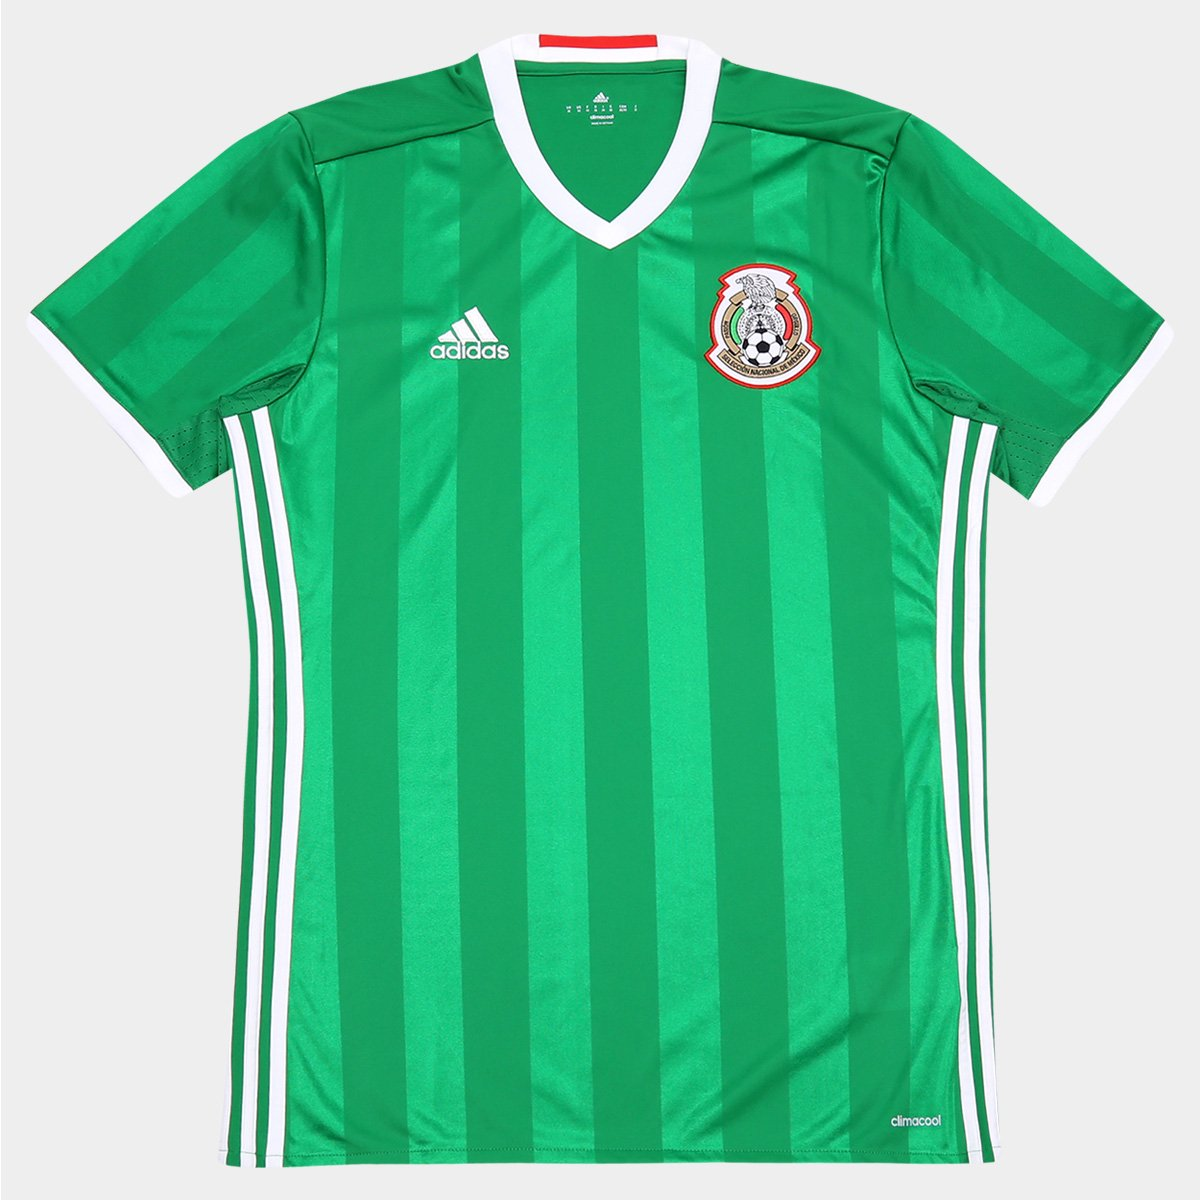 8fe069f905b33 Camisa Seleção México Home 2016 s nº Torcedor Adidas Masculina - Compre  Agora